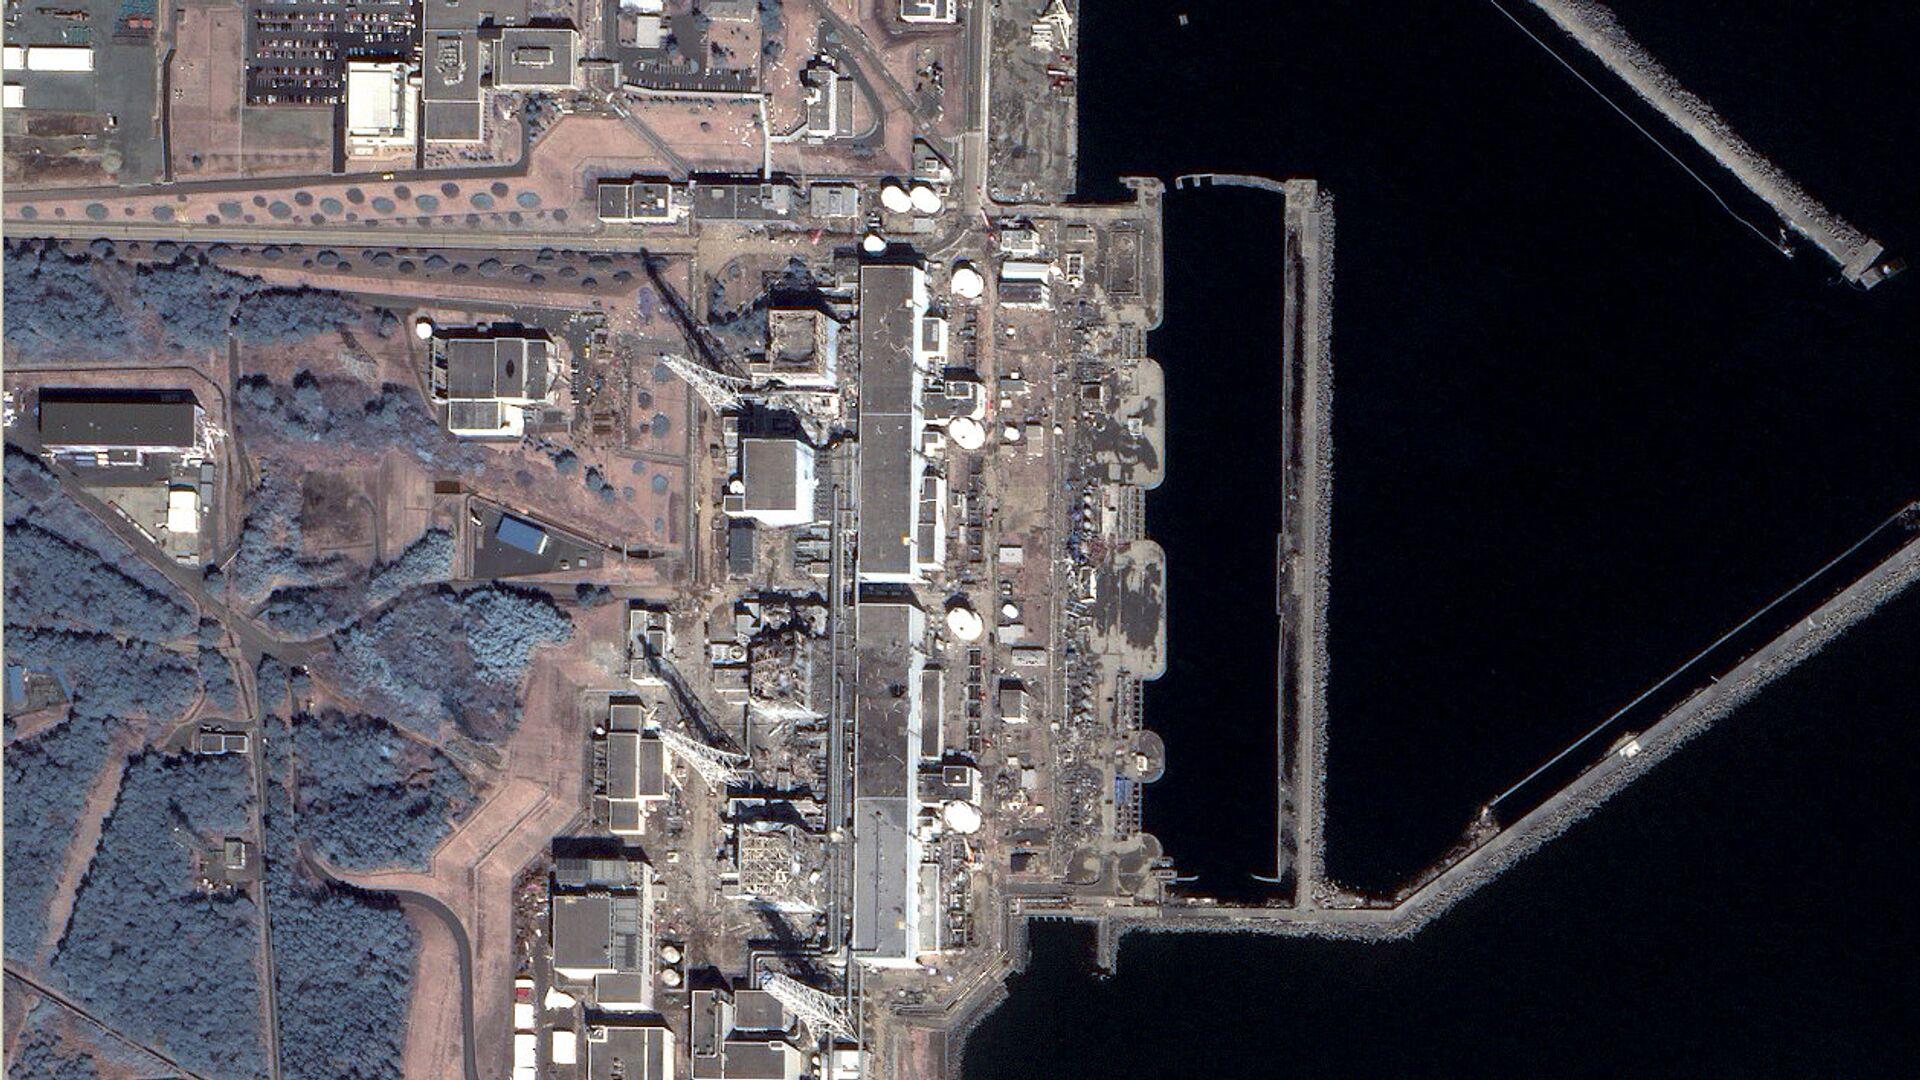 АЭС Фукусима-1, 17 марта 2011 - РИА Новости, 1920, 12.03.2020